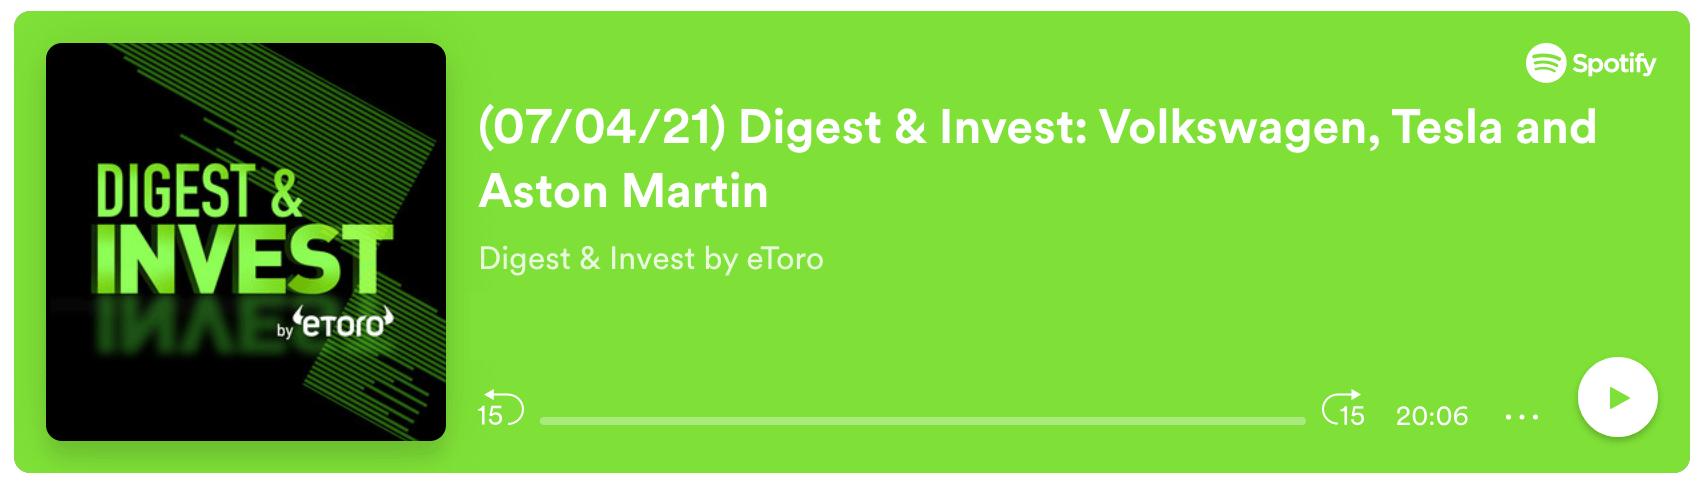 diggest_invest_etoro